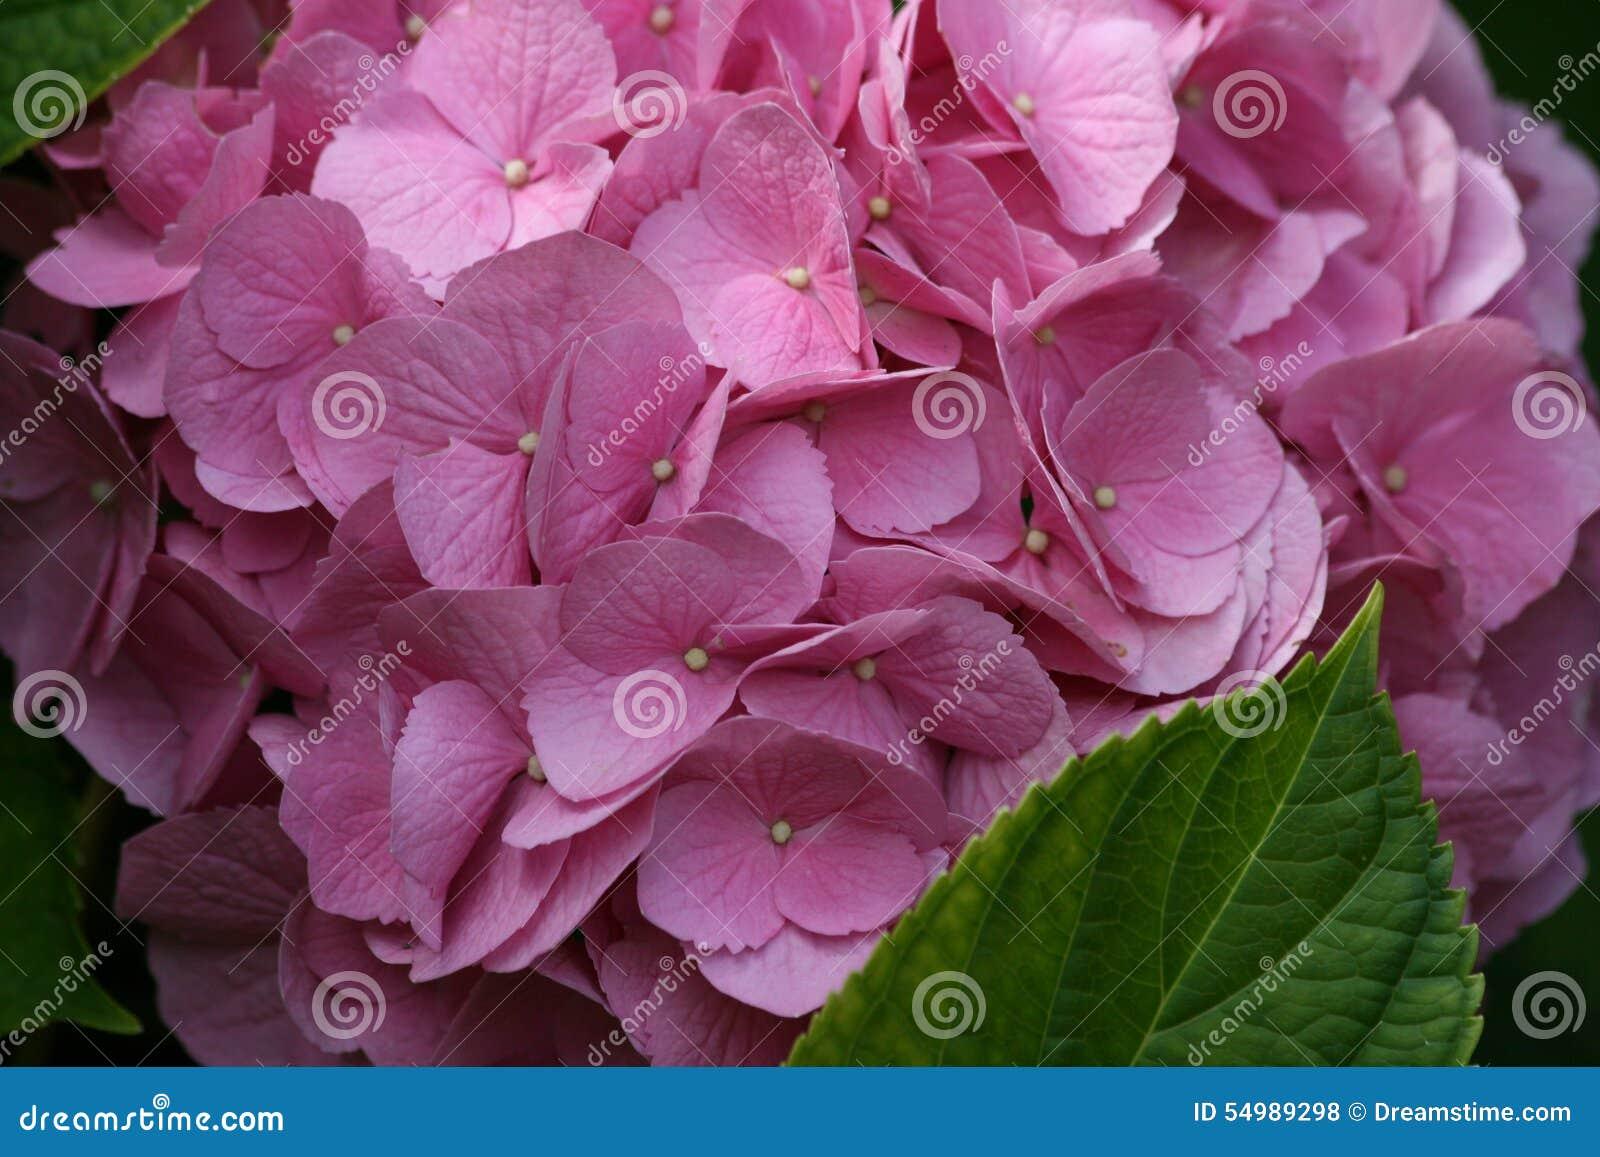 Flor da hortênsia